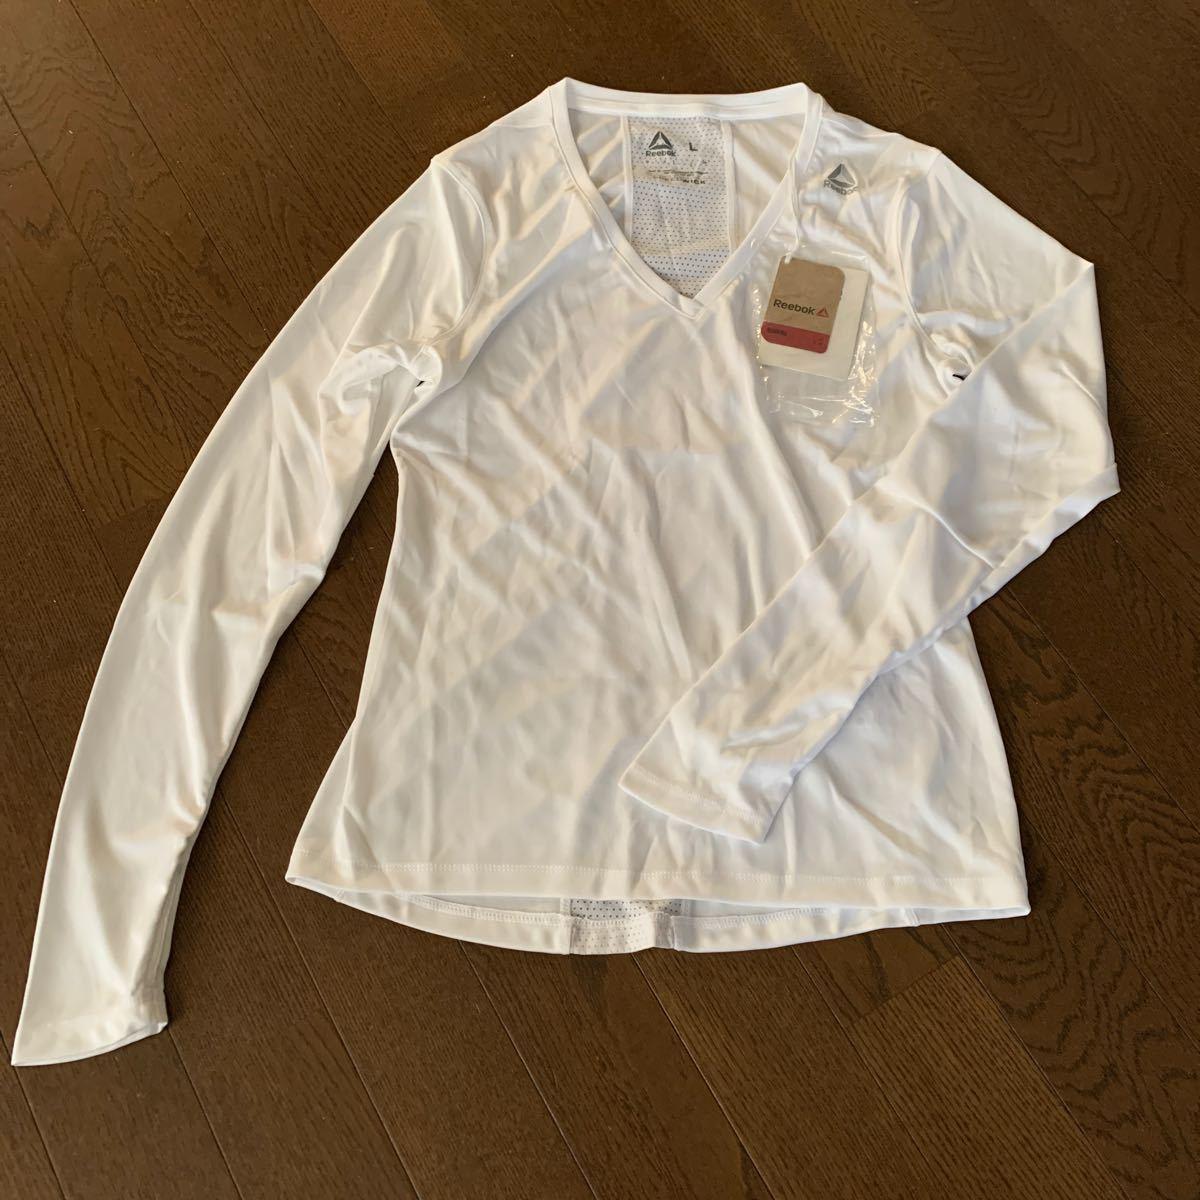 リーボック公式 Tシャツ Reebok ランニング ロングTシャツレディースL